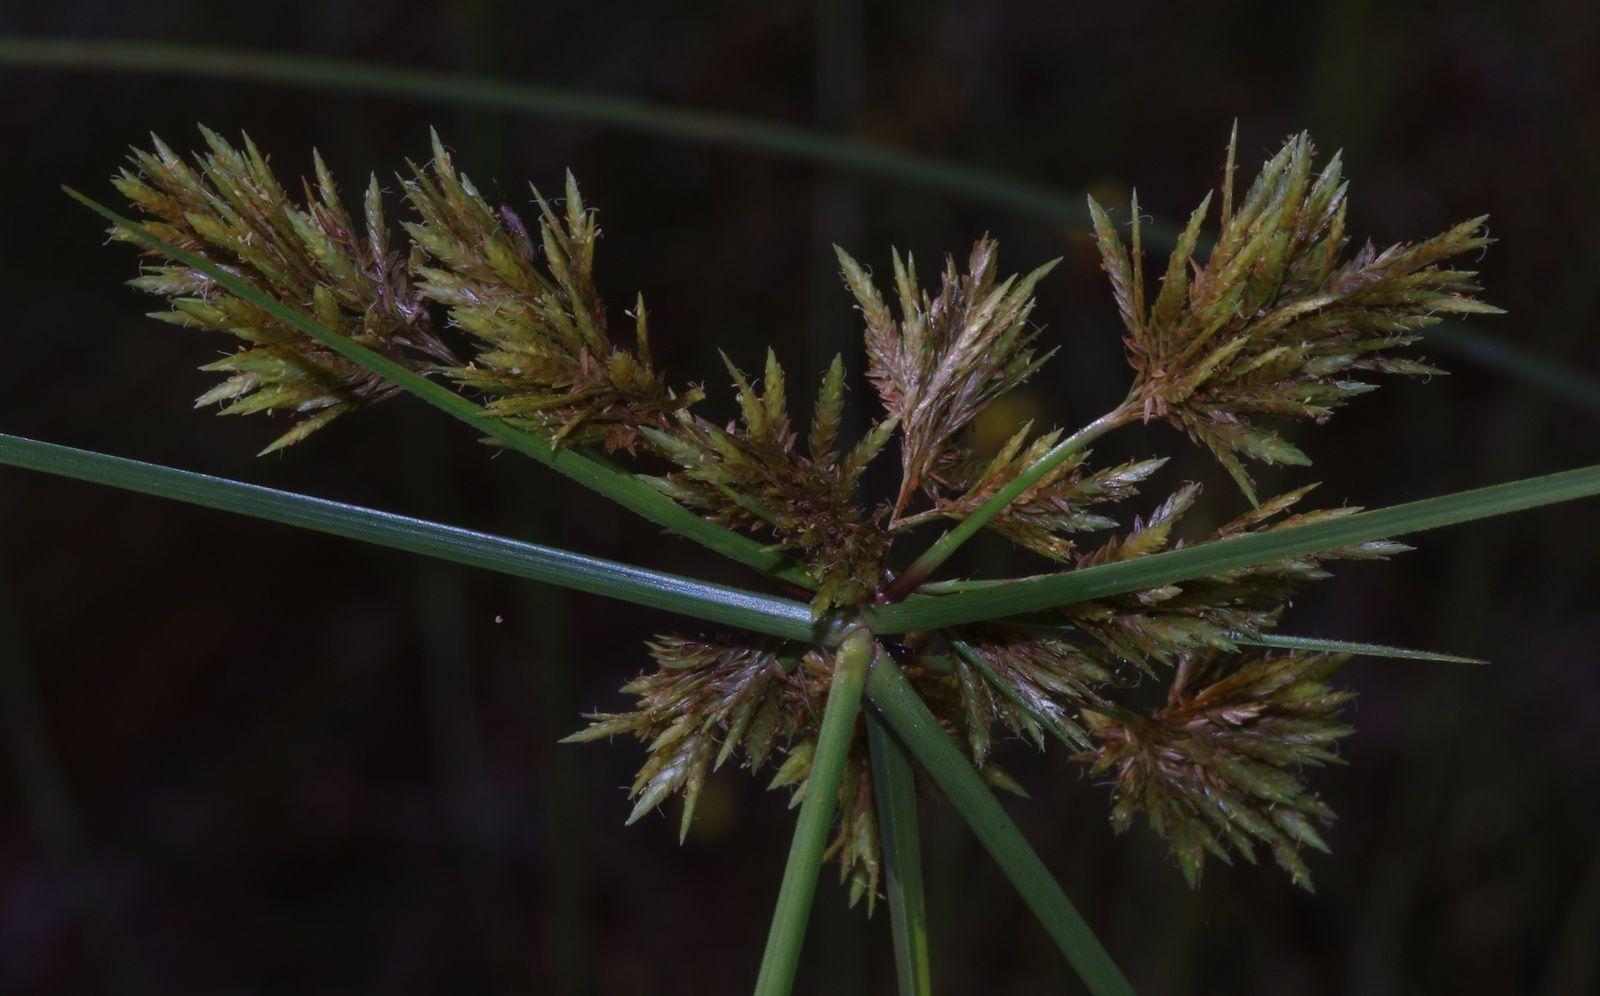 Cyperus polystachyos